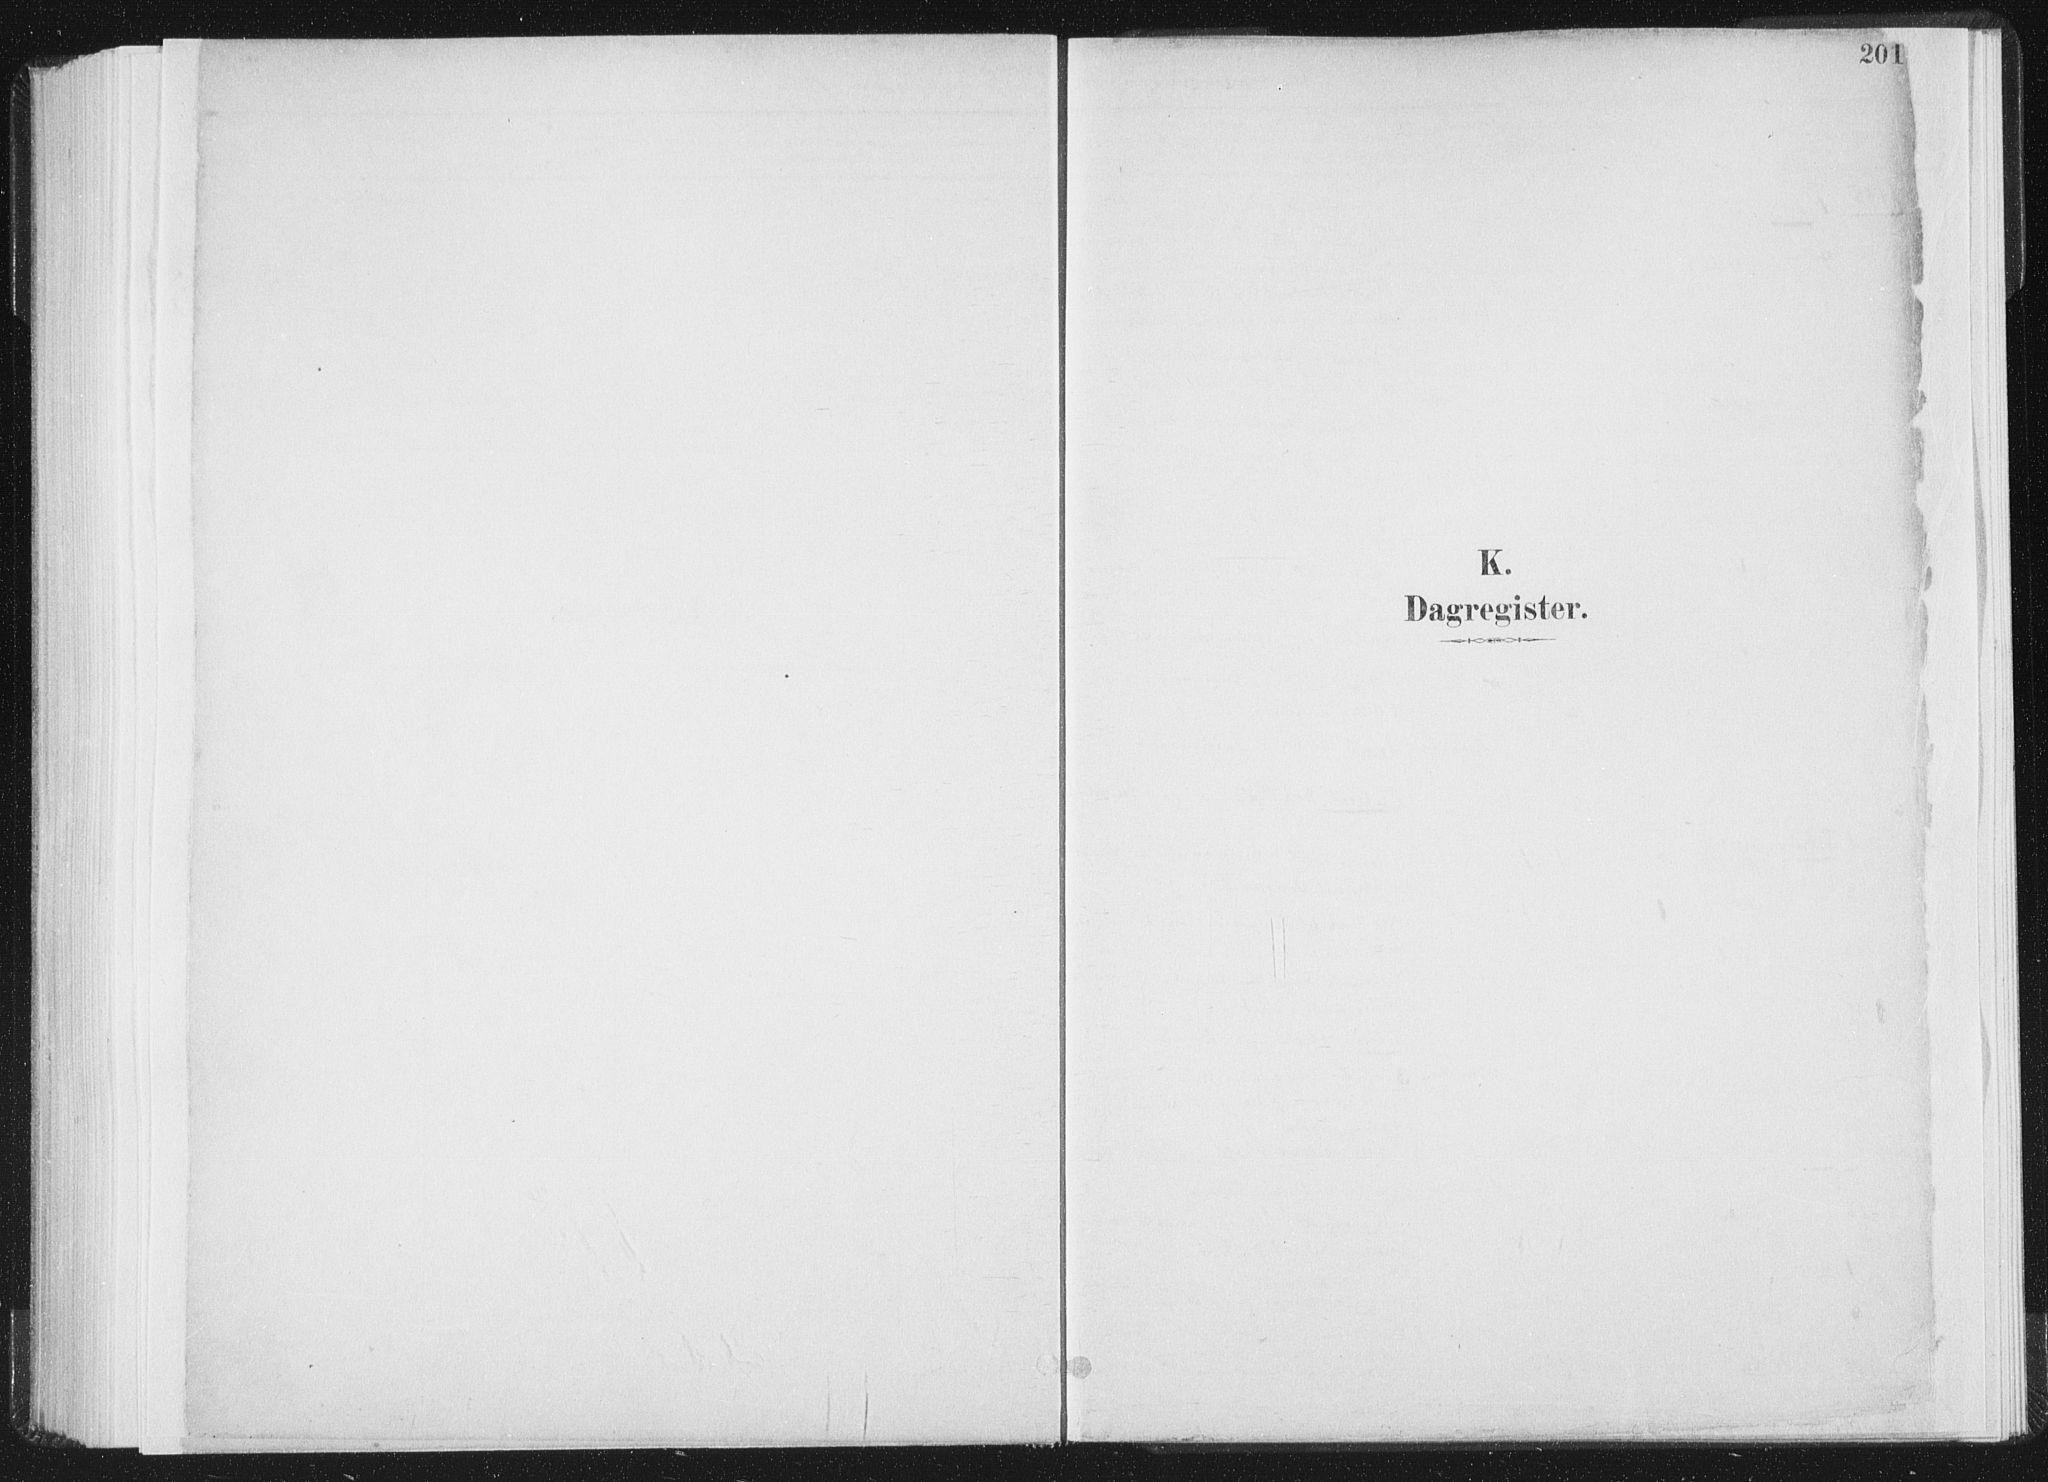 SAT, Ministerialprotokoller, klokkerbøker og fødselsregistre - Nord-Trøndelag, 771/L0597: Ministerialbok nr. 771A04, 1885-1910, s. 201